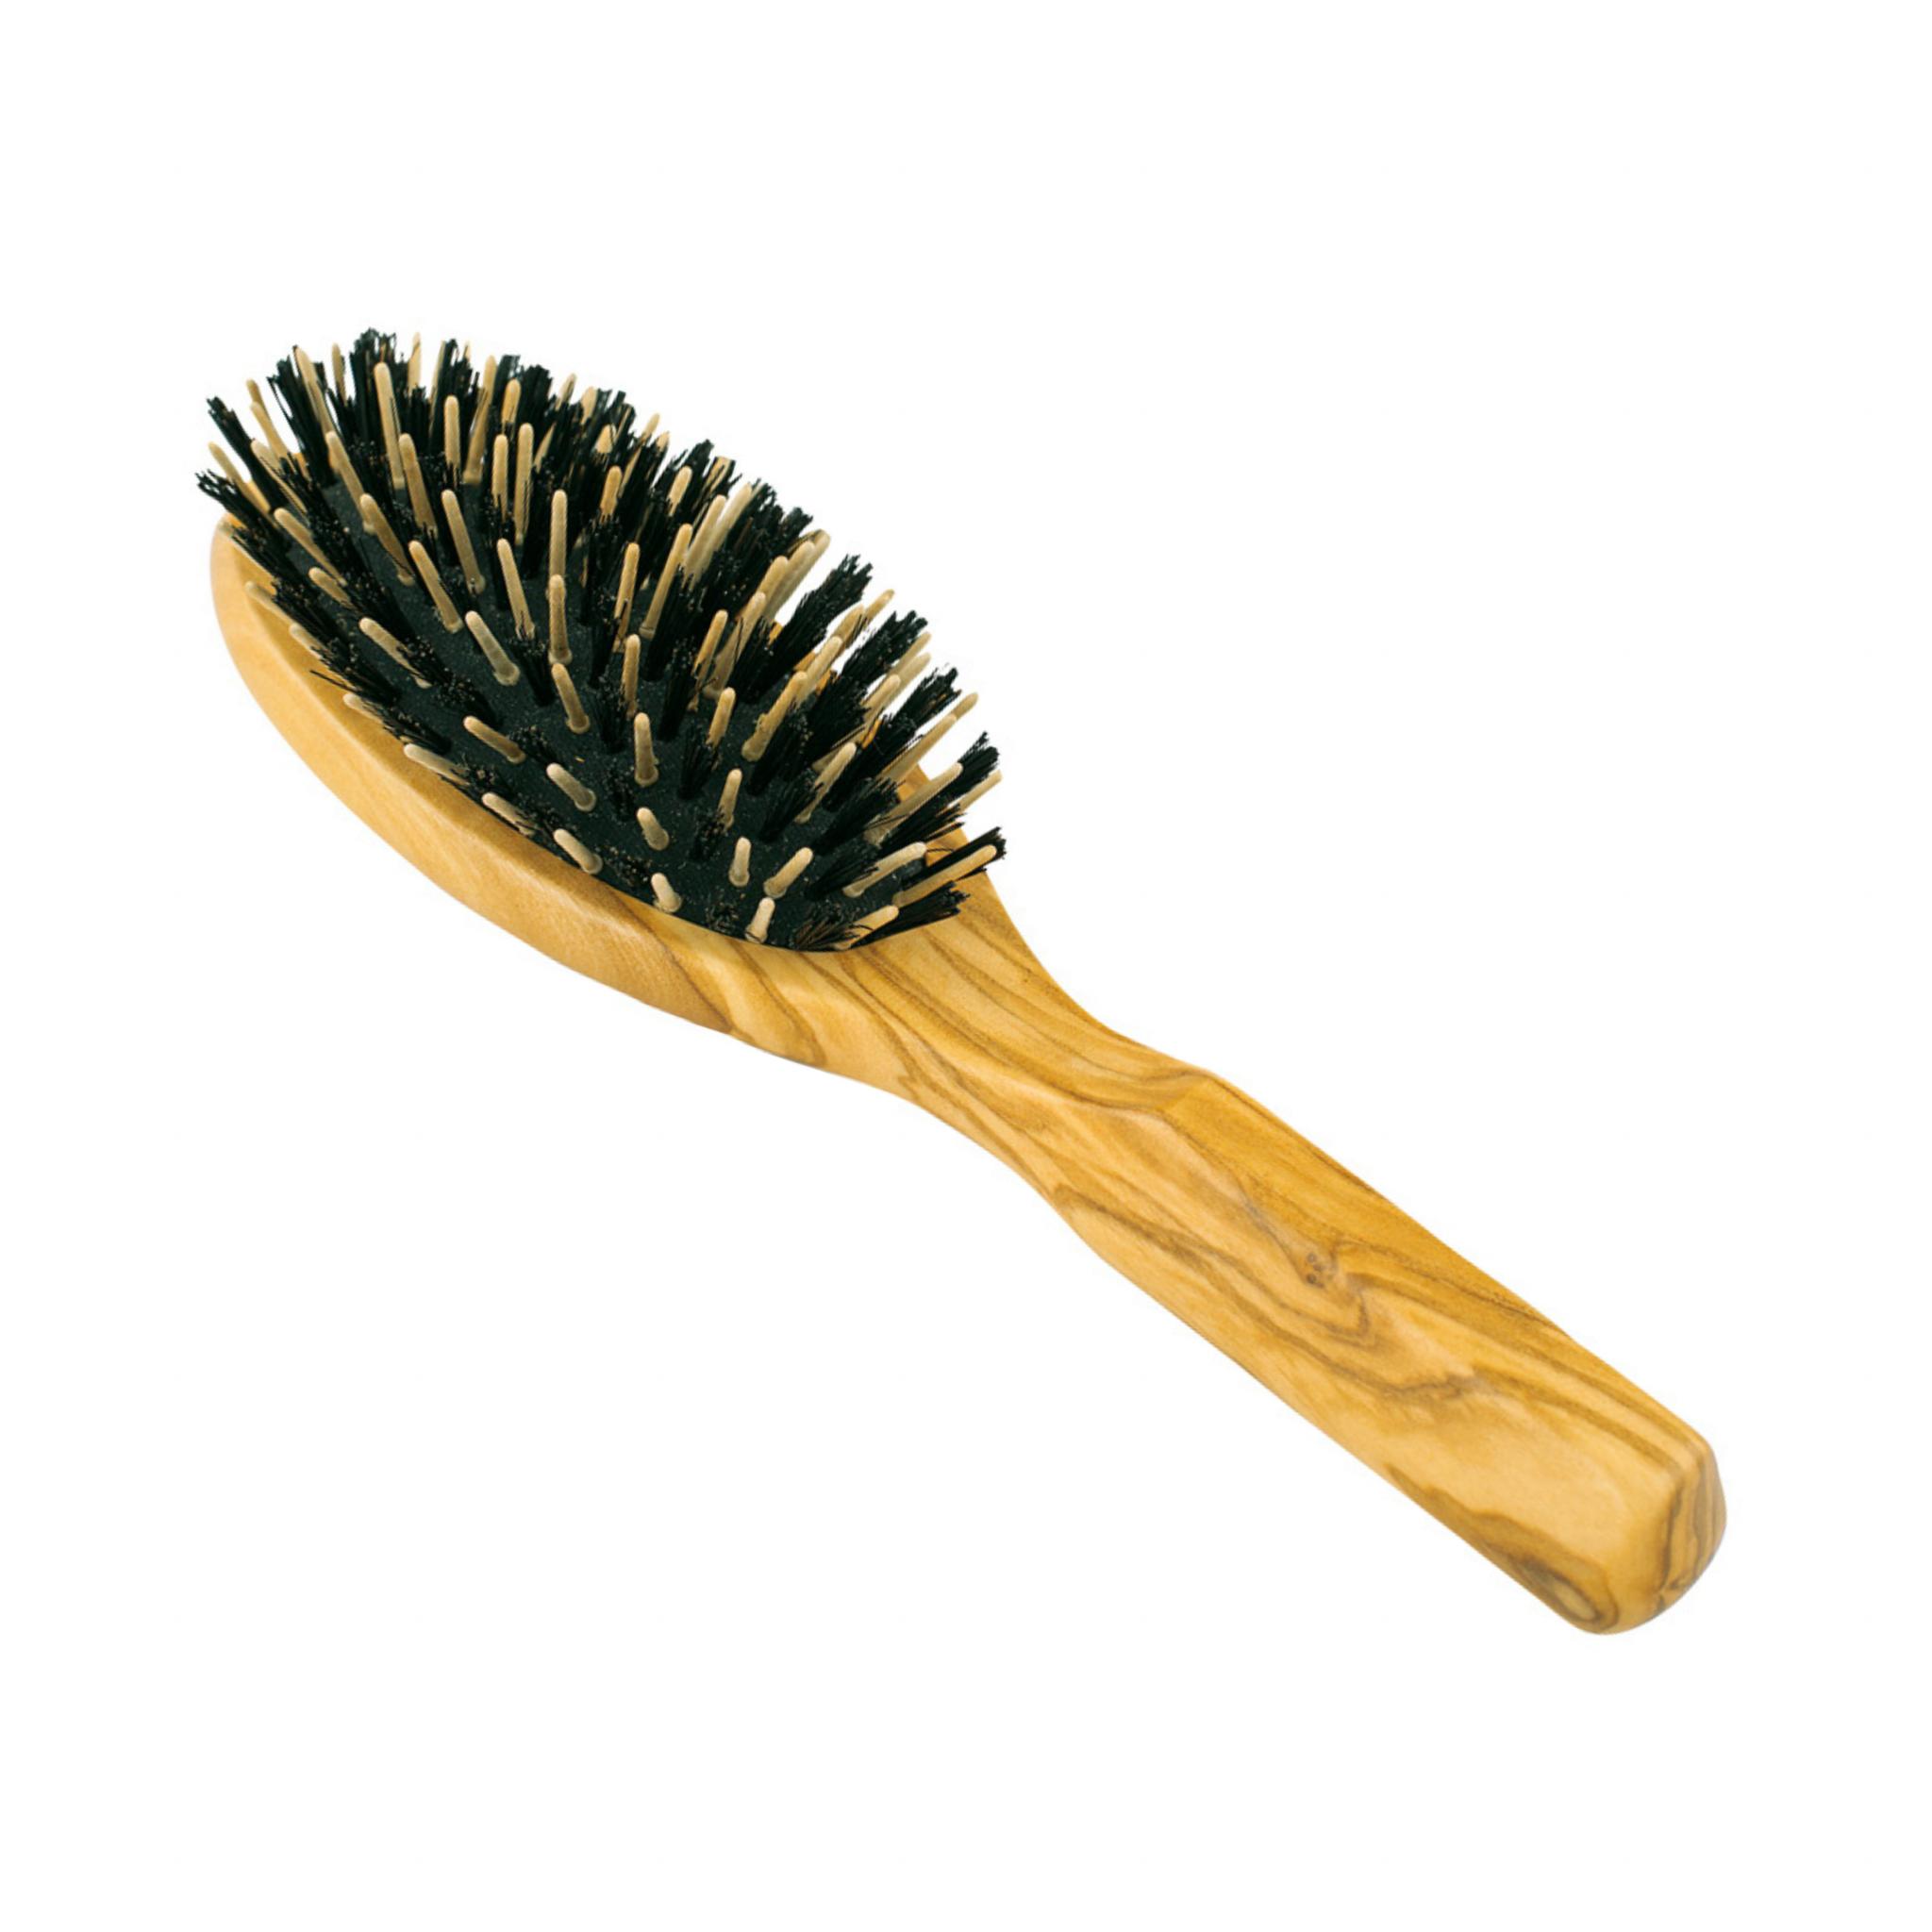 houten haarborstel dik haar Bag-again zero waste webshop